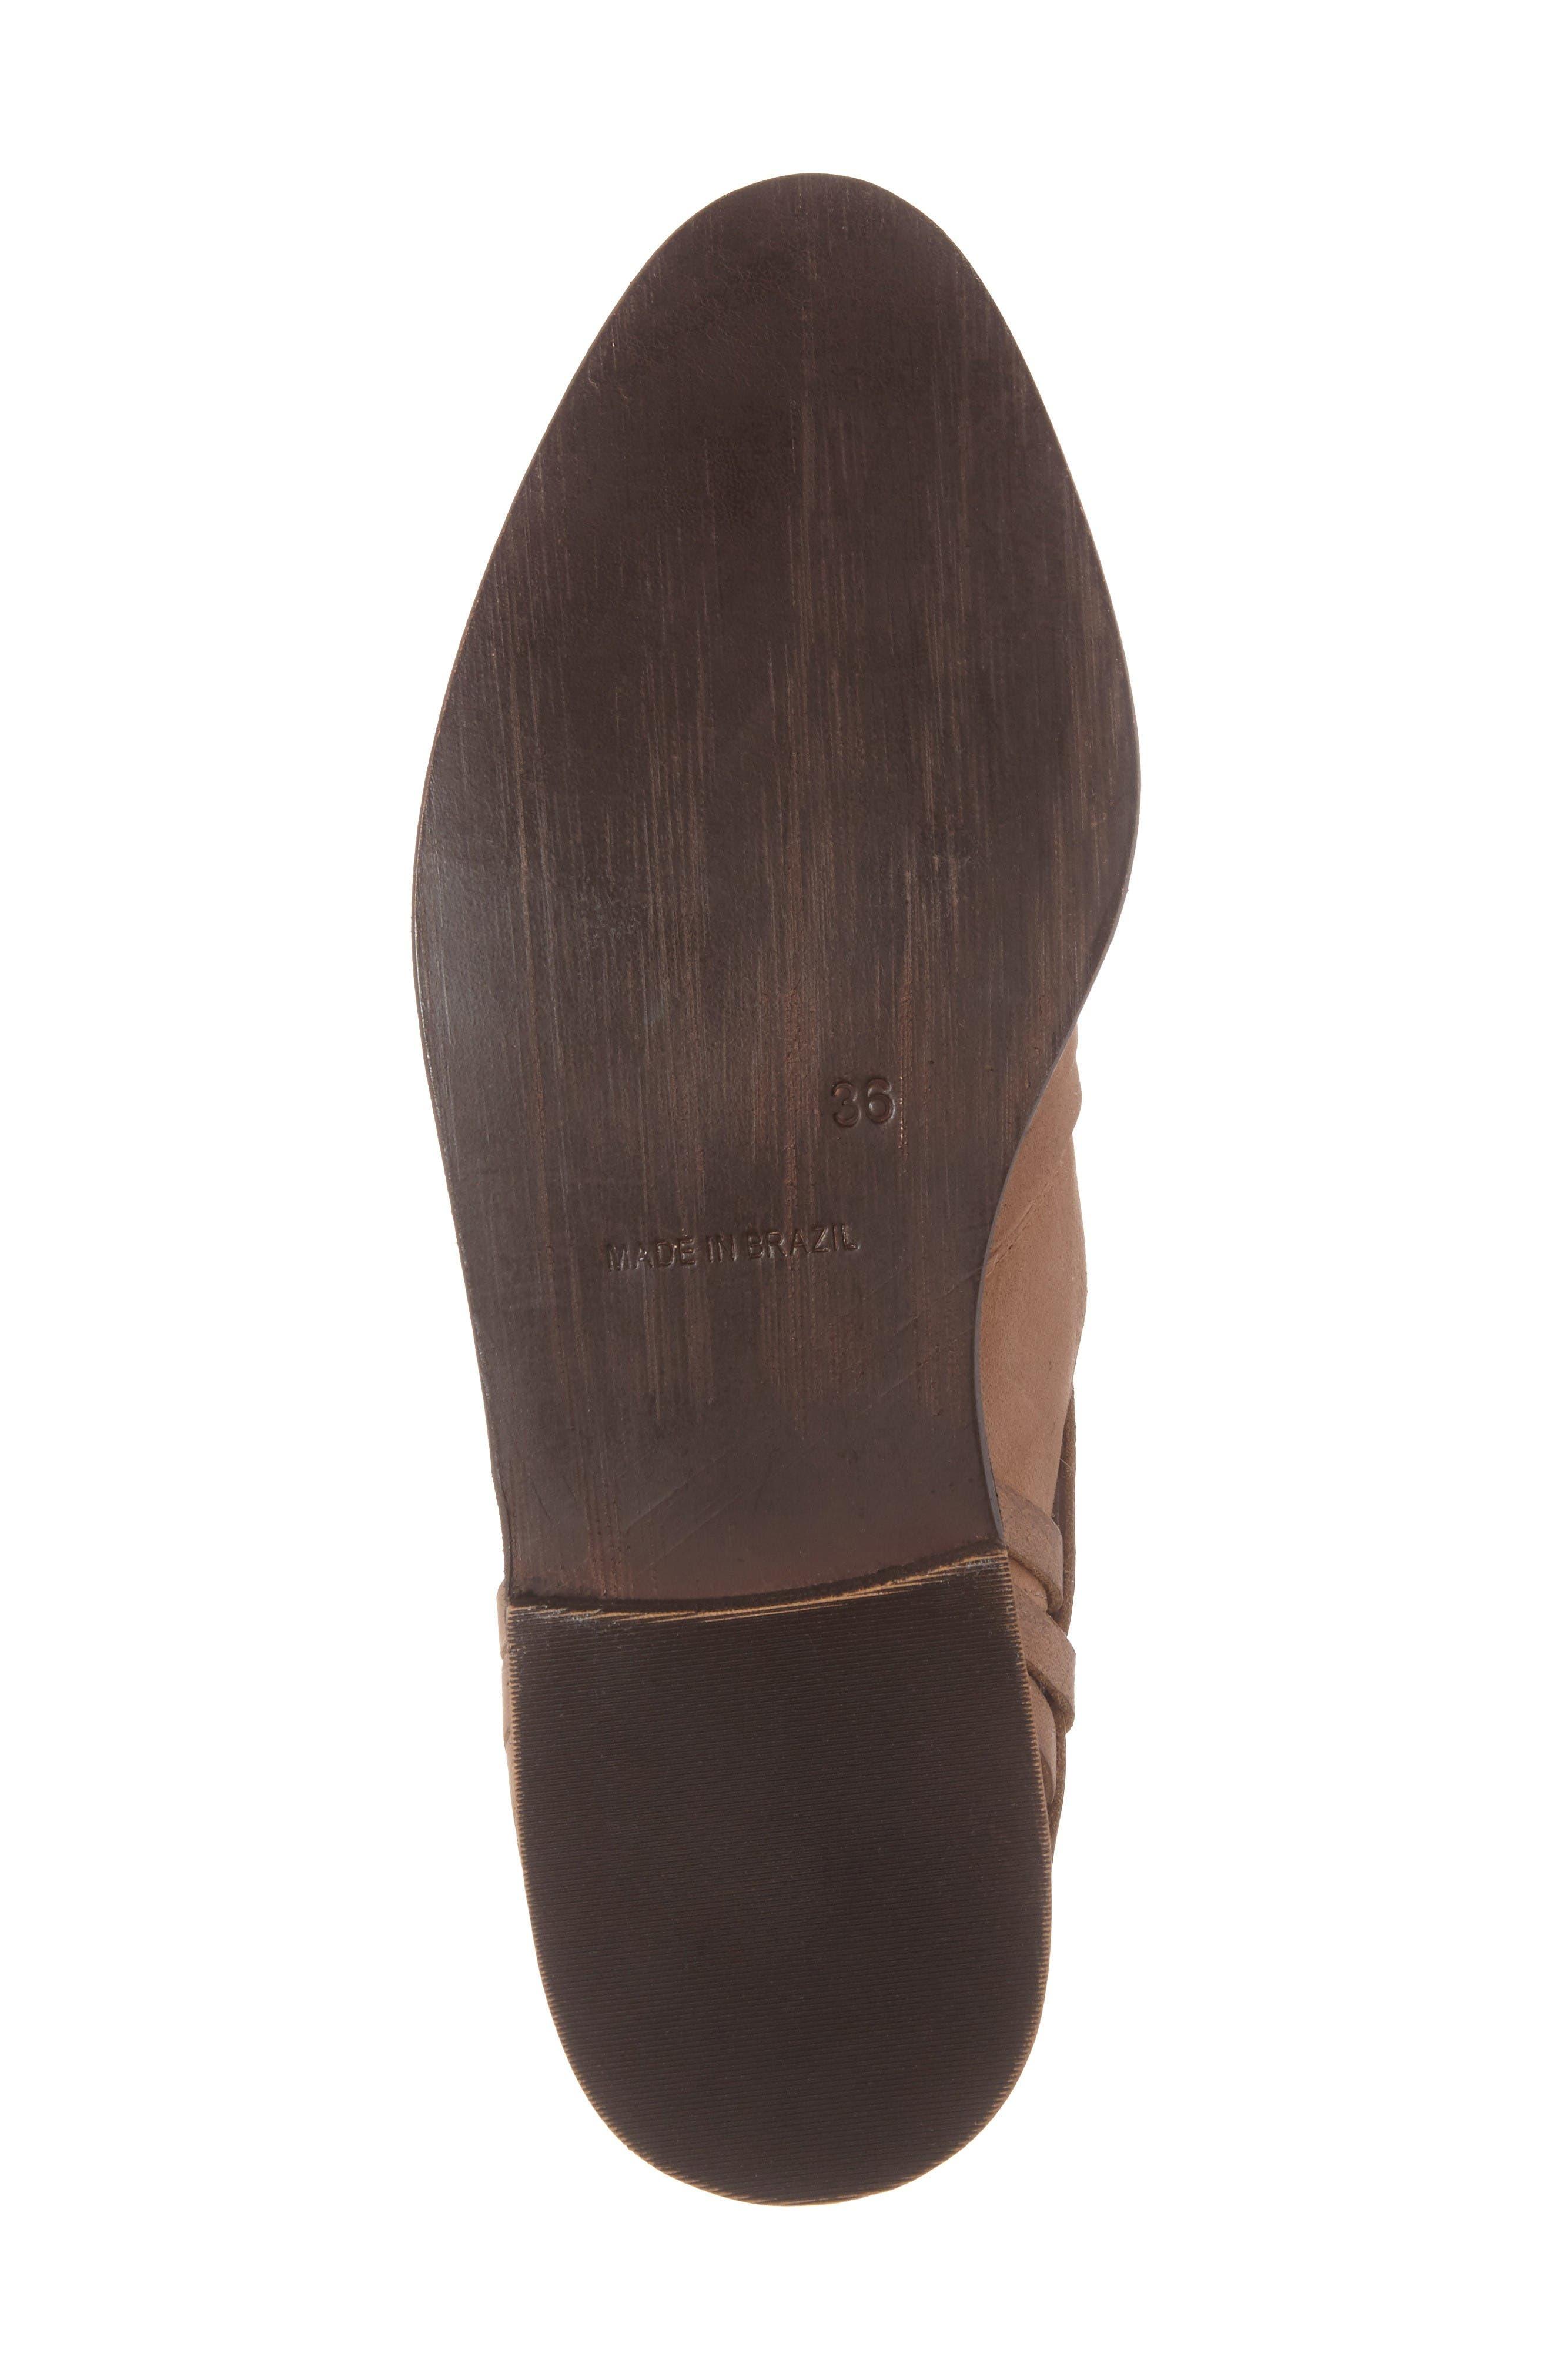 Fairuz Bootie,                             Alternate thumbnail 6, color,                             Tan Leather